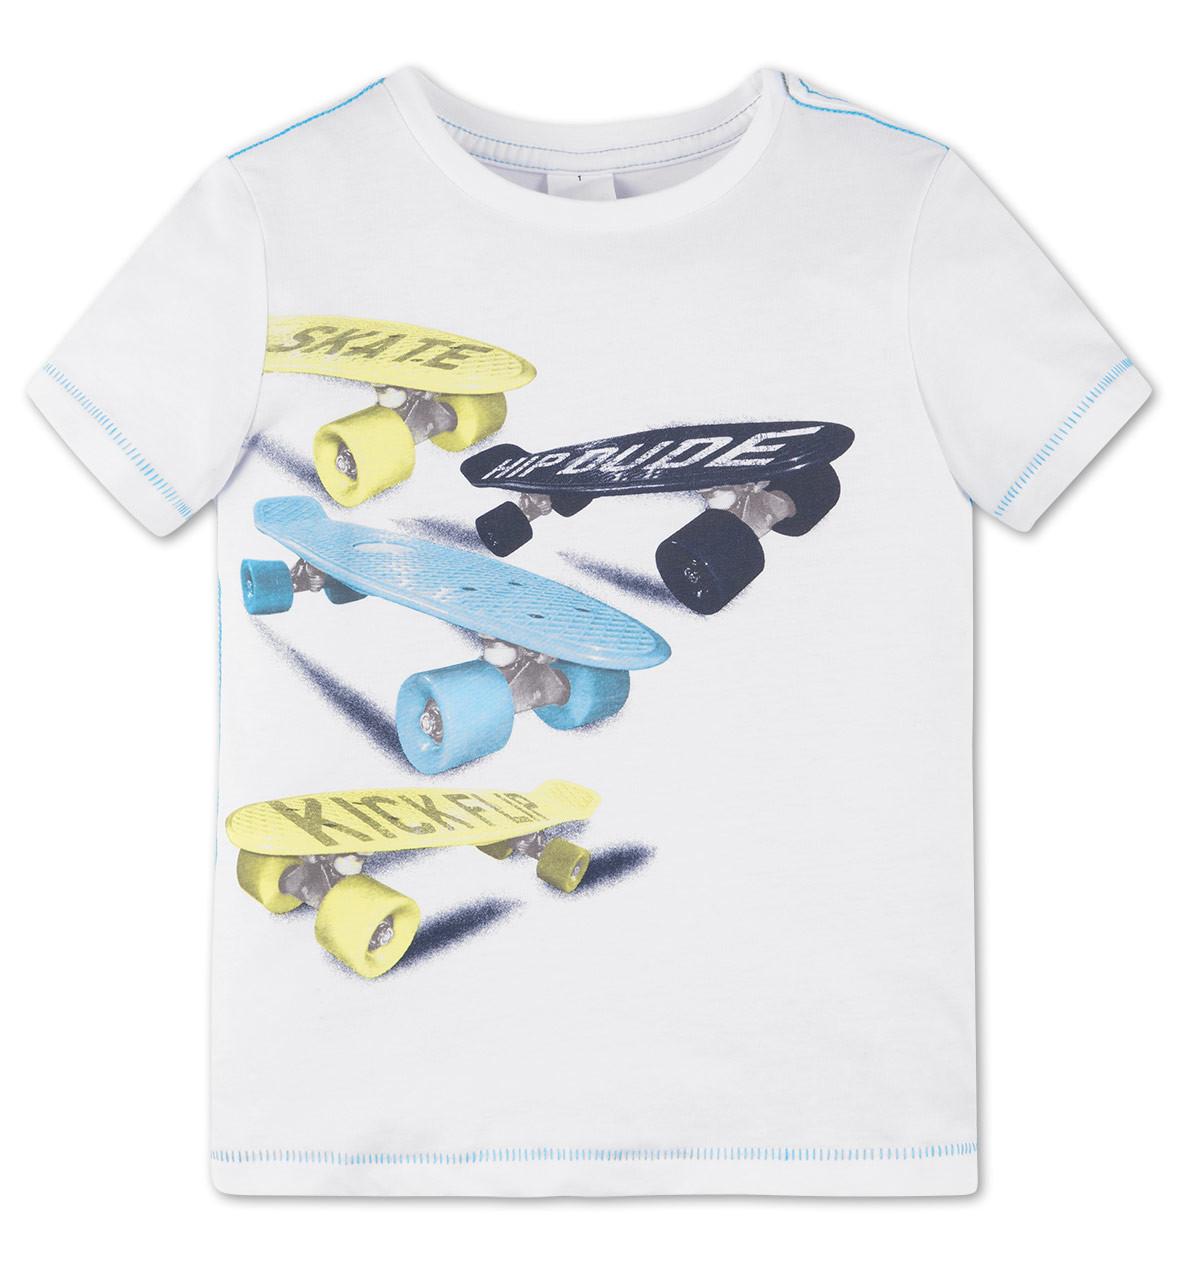 Качественная футболка на мальчика 3 года C&A Германия Размер 98